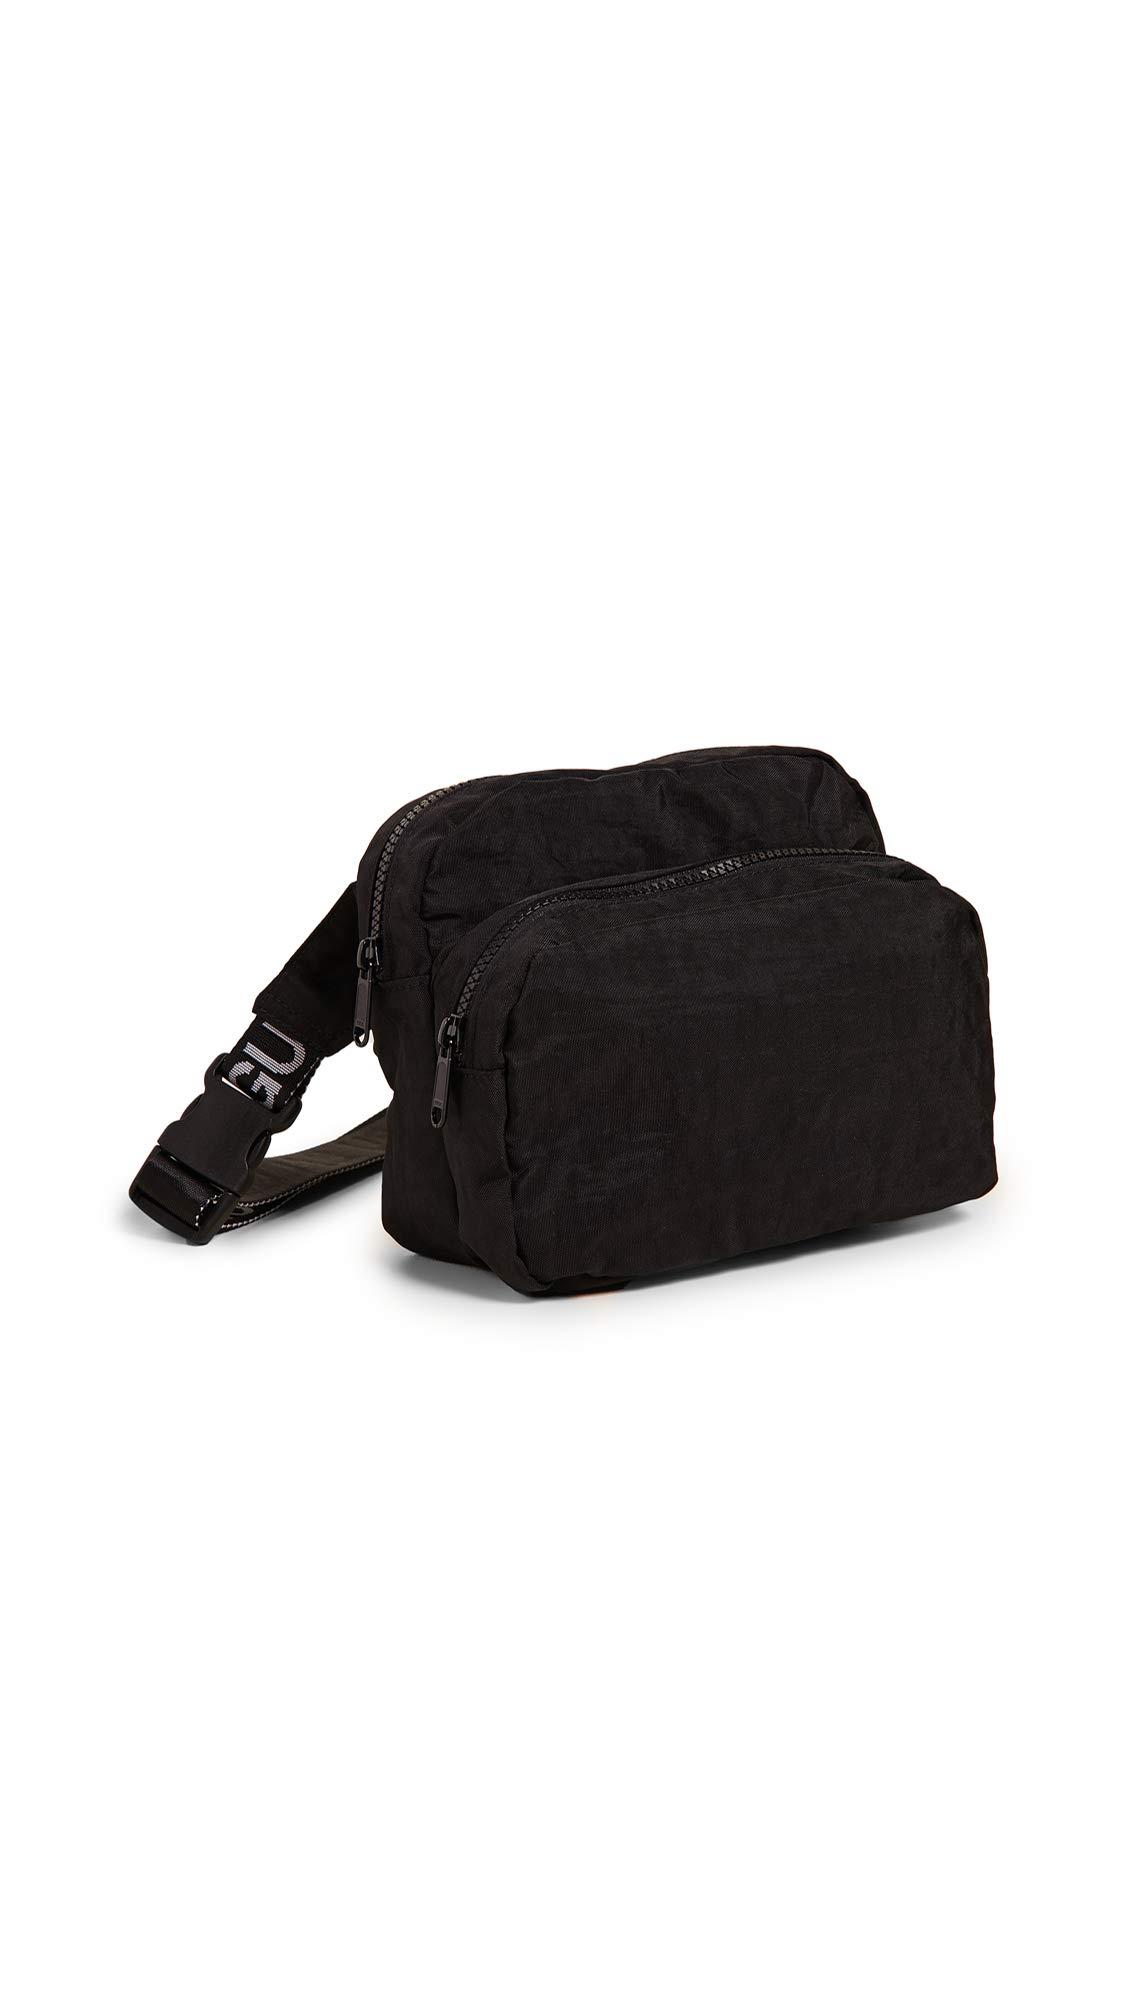 BAGGU Women's Fanny Pack, Black, One Size